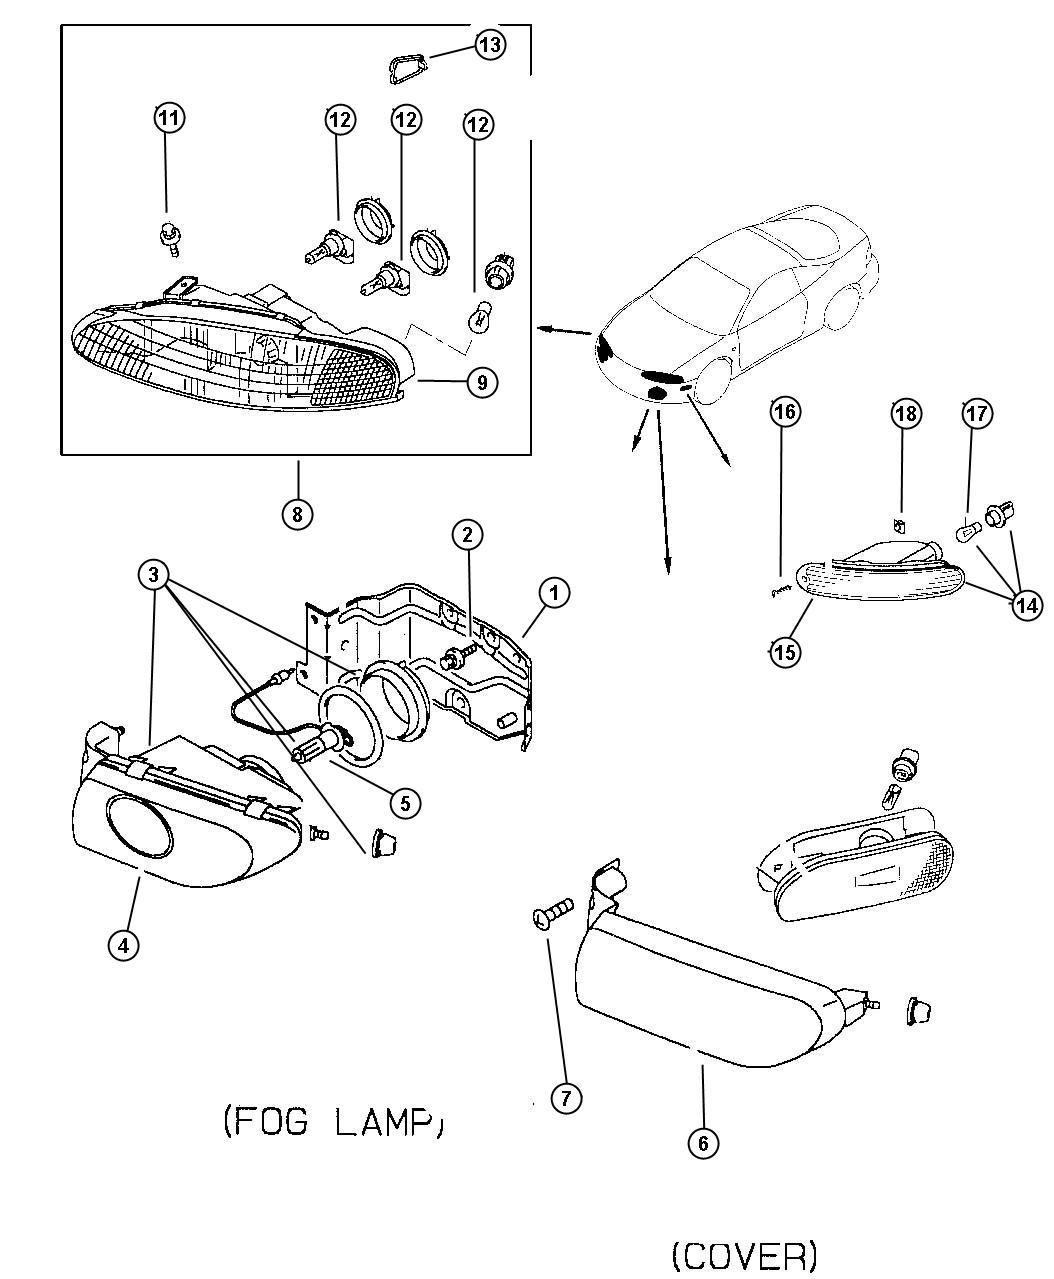 1998 Dodge Avenger Lamp. Fog. Left. Avenger (lamp only